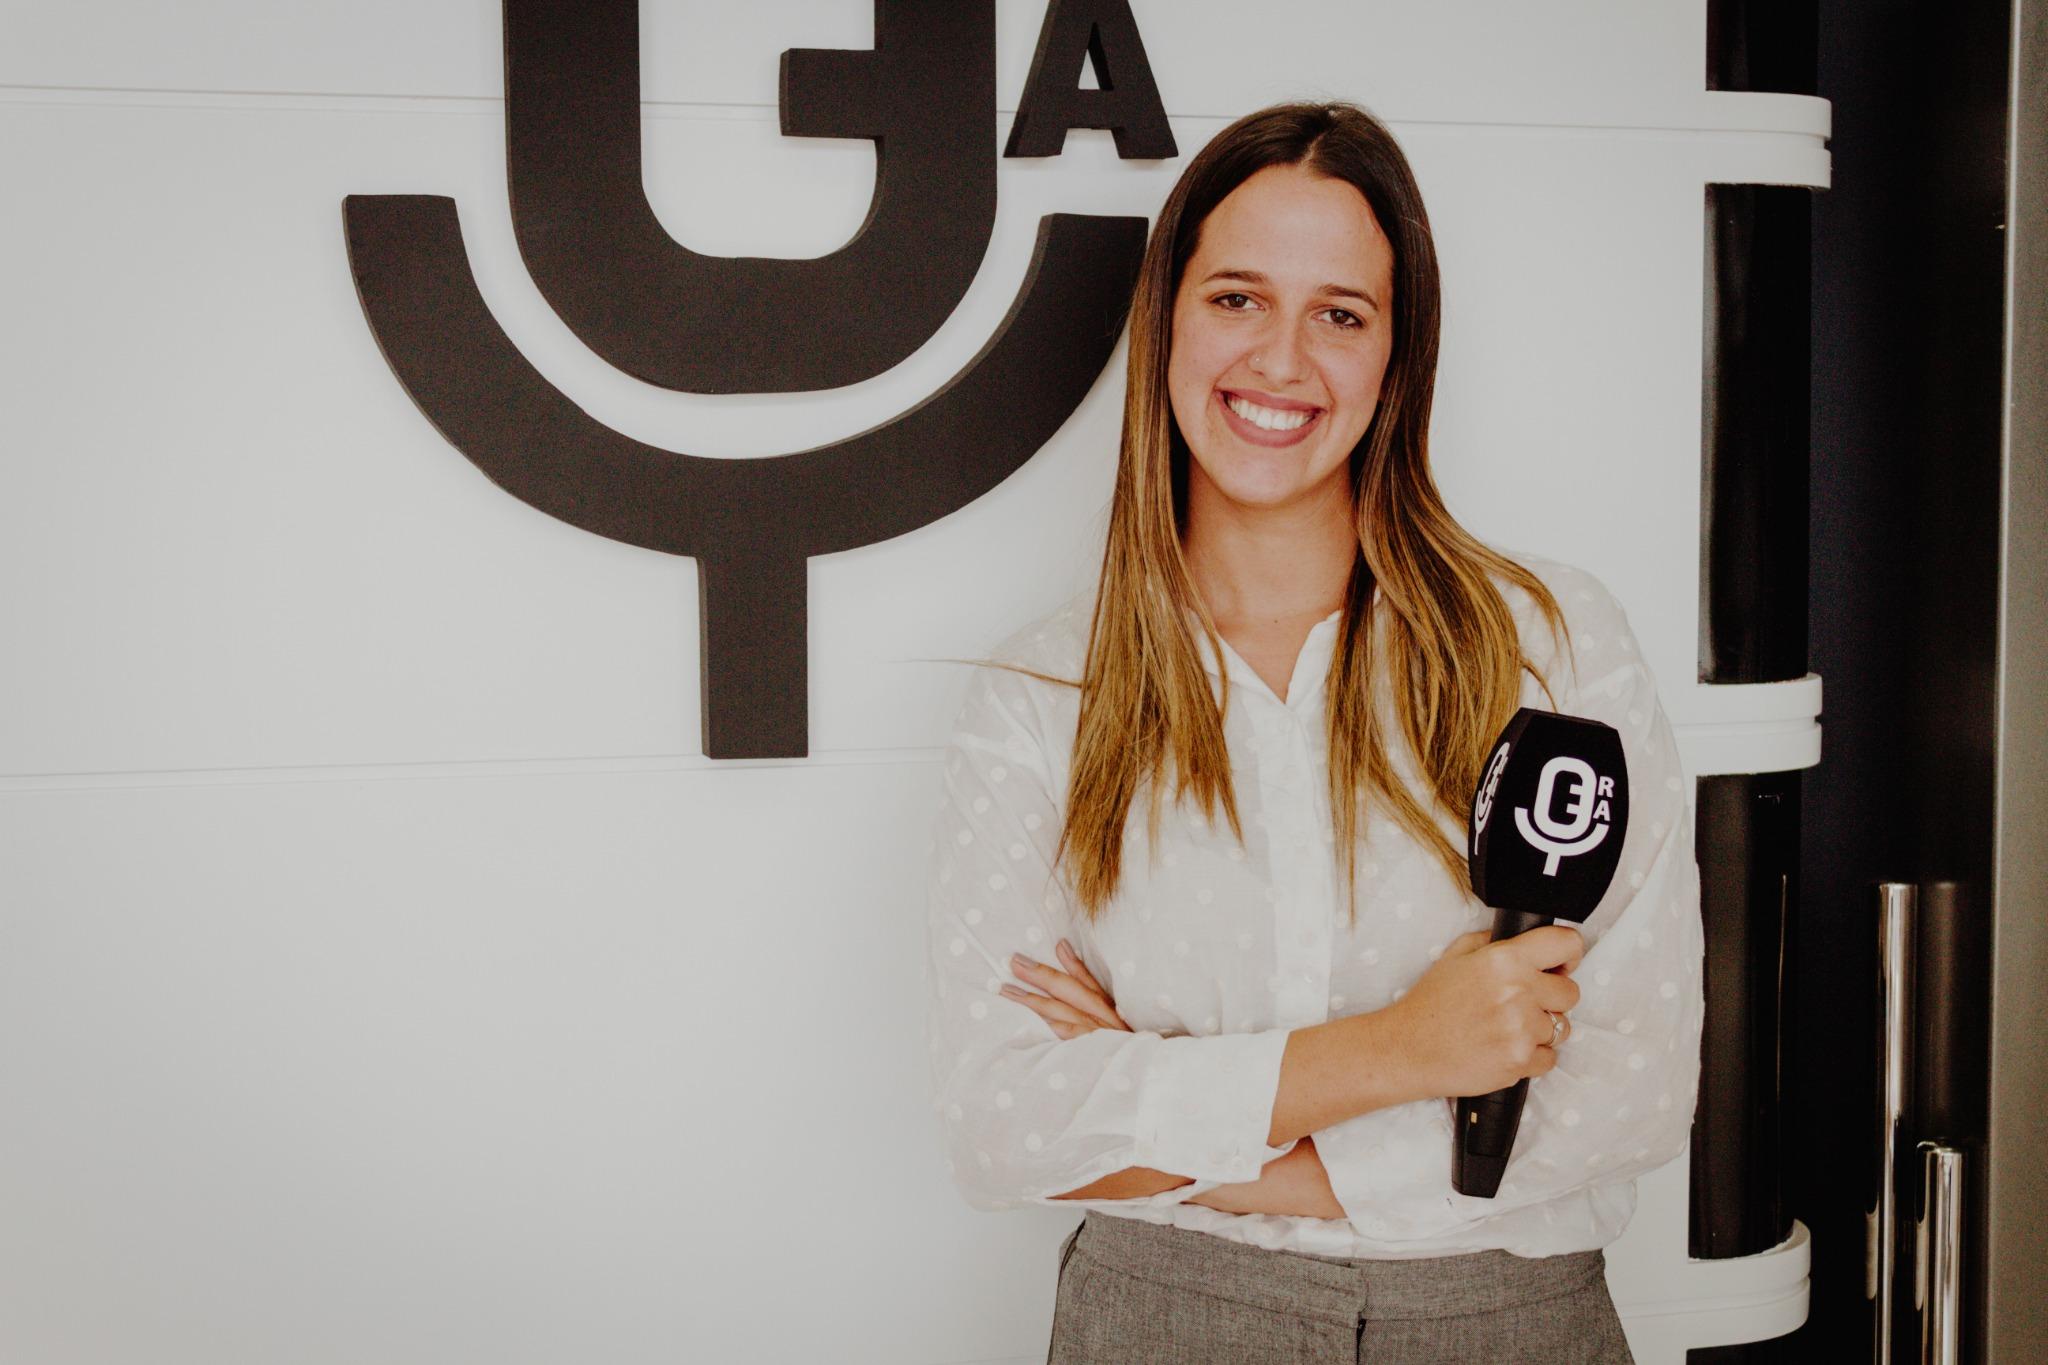 La periodista Ana Gomar, posando en la Escuela de Reporteros de Andalucía